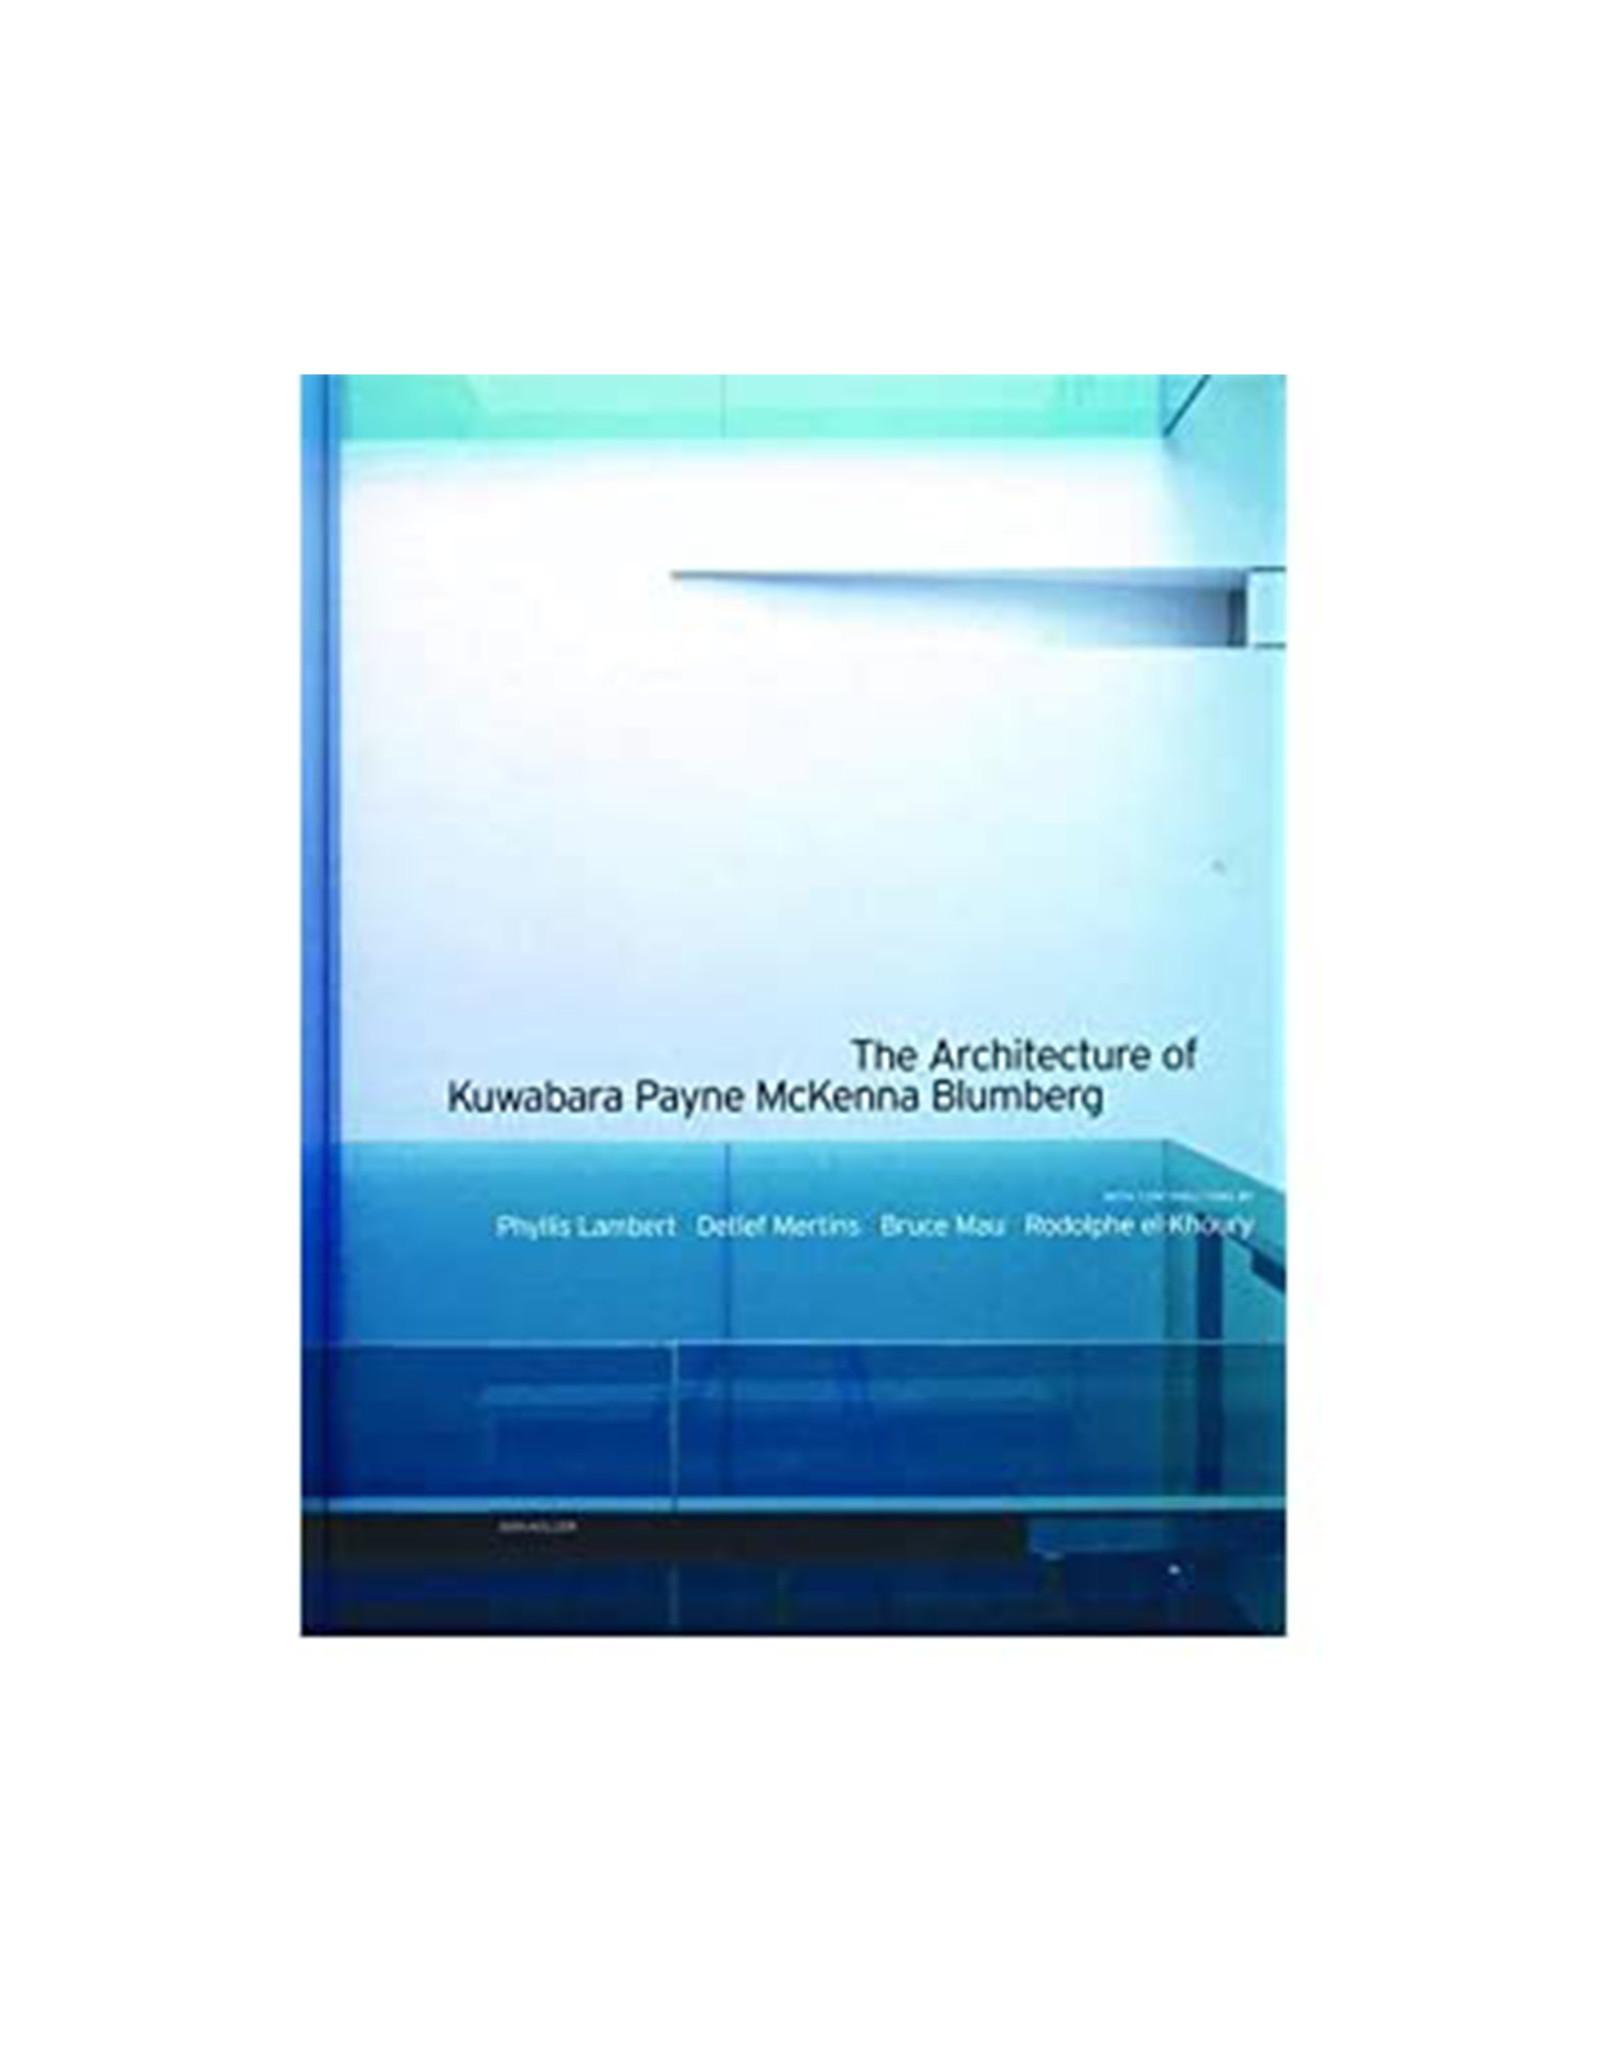 Architecture of Kuwabara Payne McKenna Blumberg